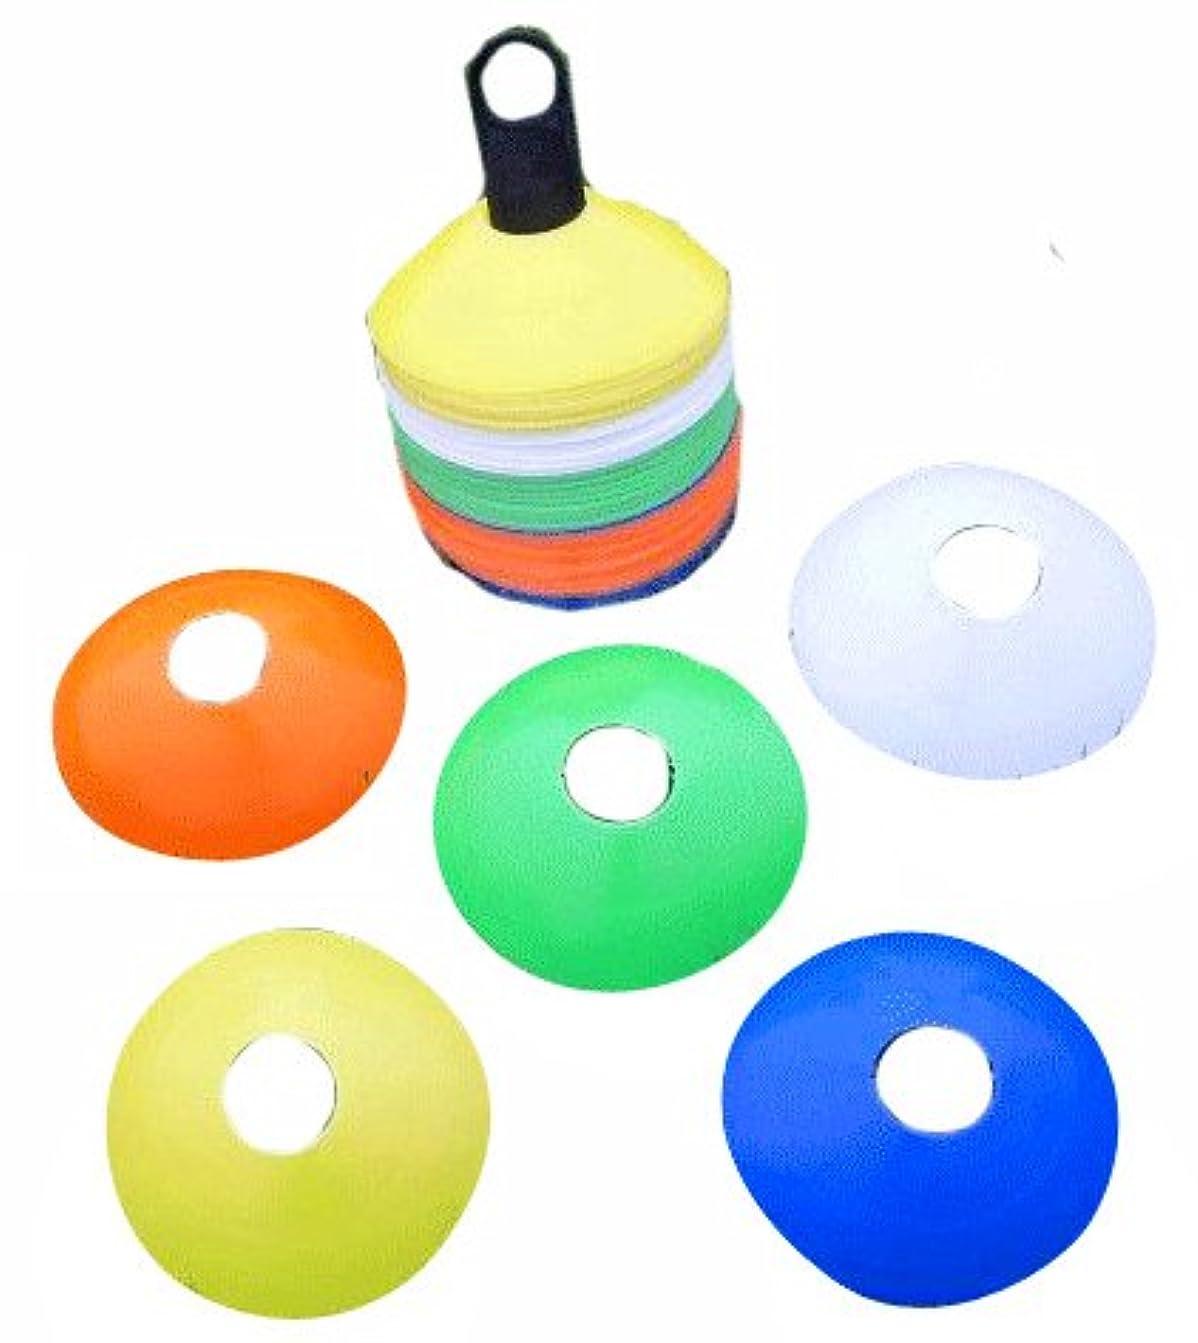 ポジティブ補う海賊[XPデザイン] 風防 マーカーコーン ミニ カラーコーン シリコン フィールドフォース ドローン サッカー マーカー